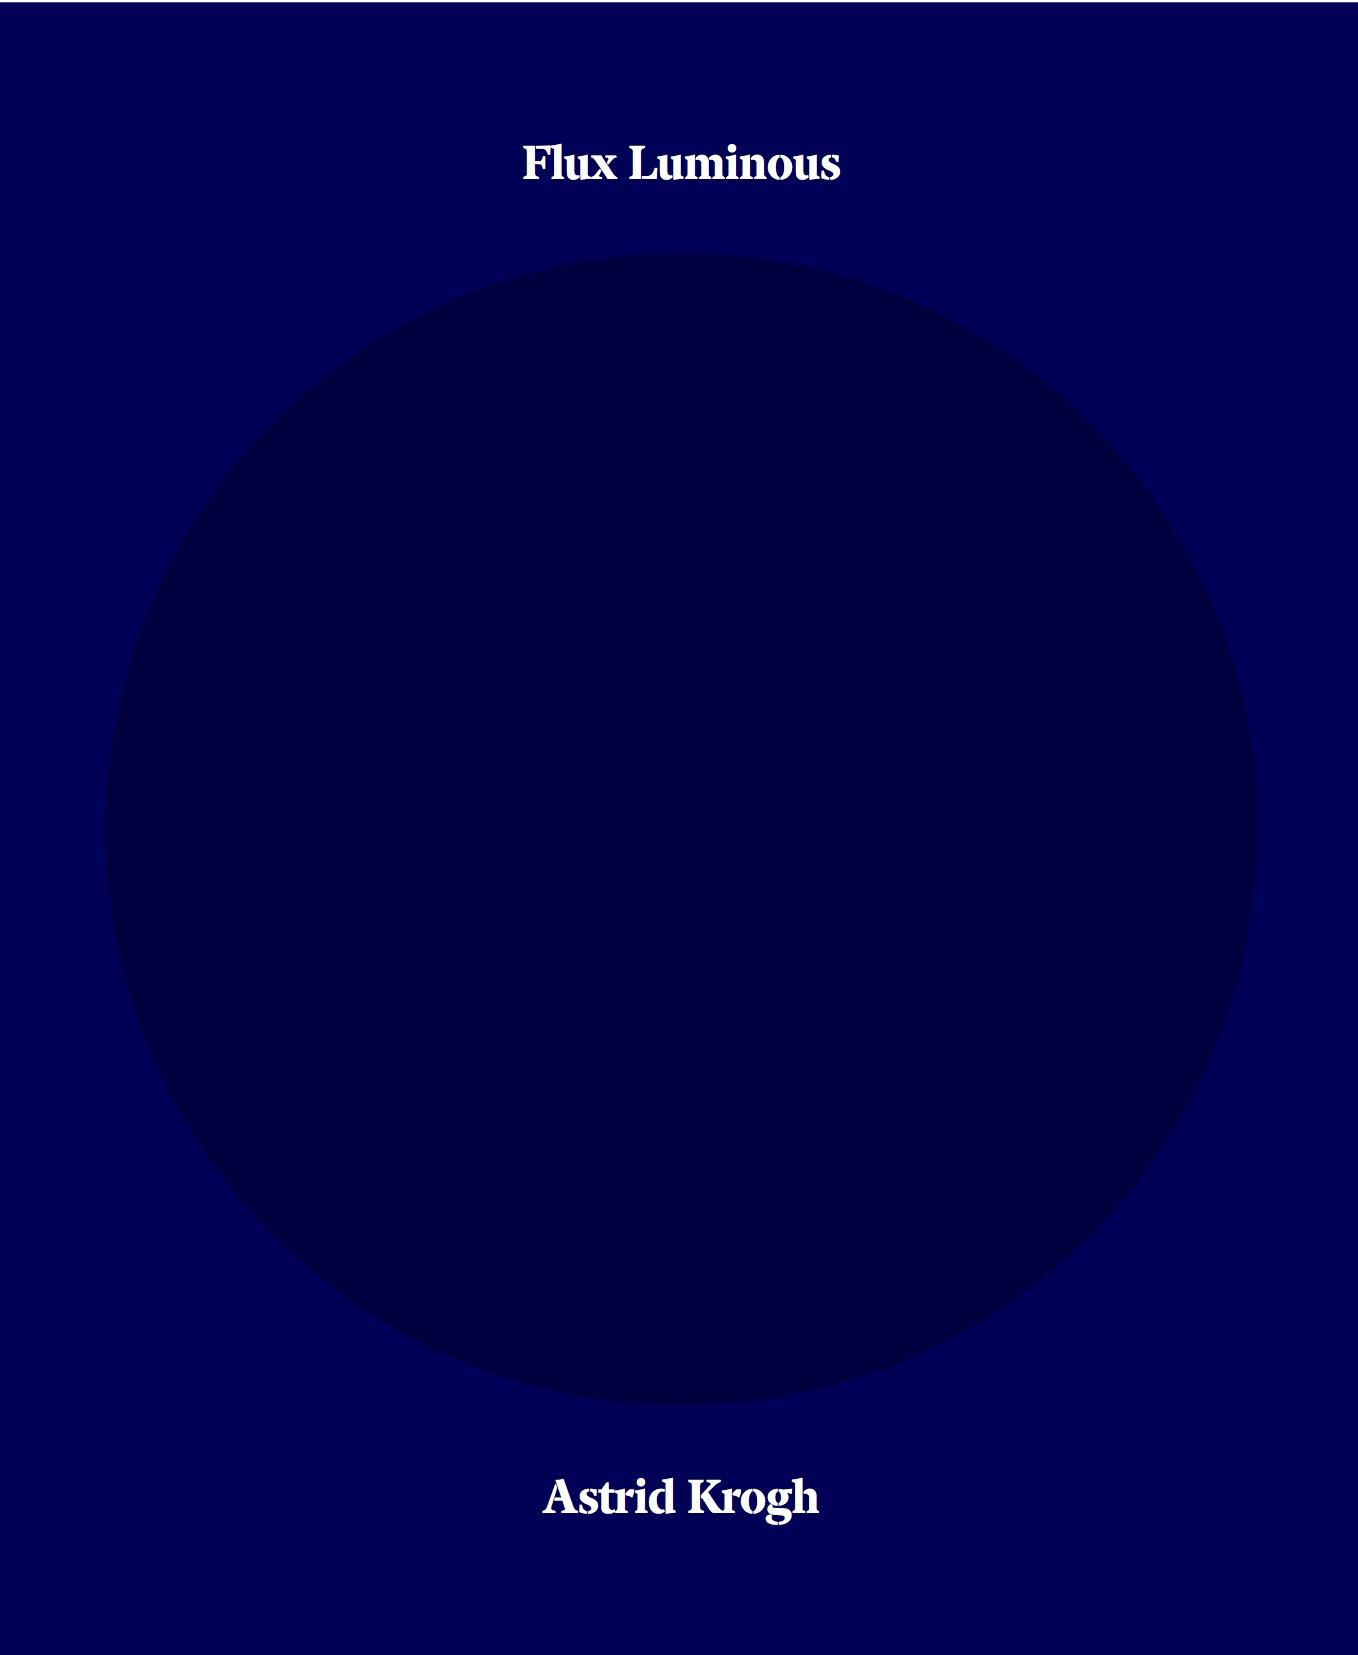 Flux Luminous